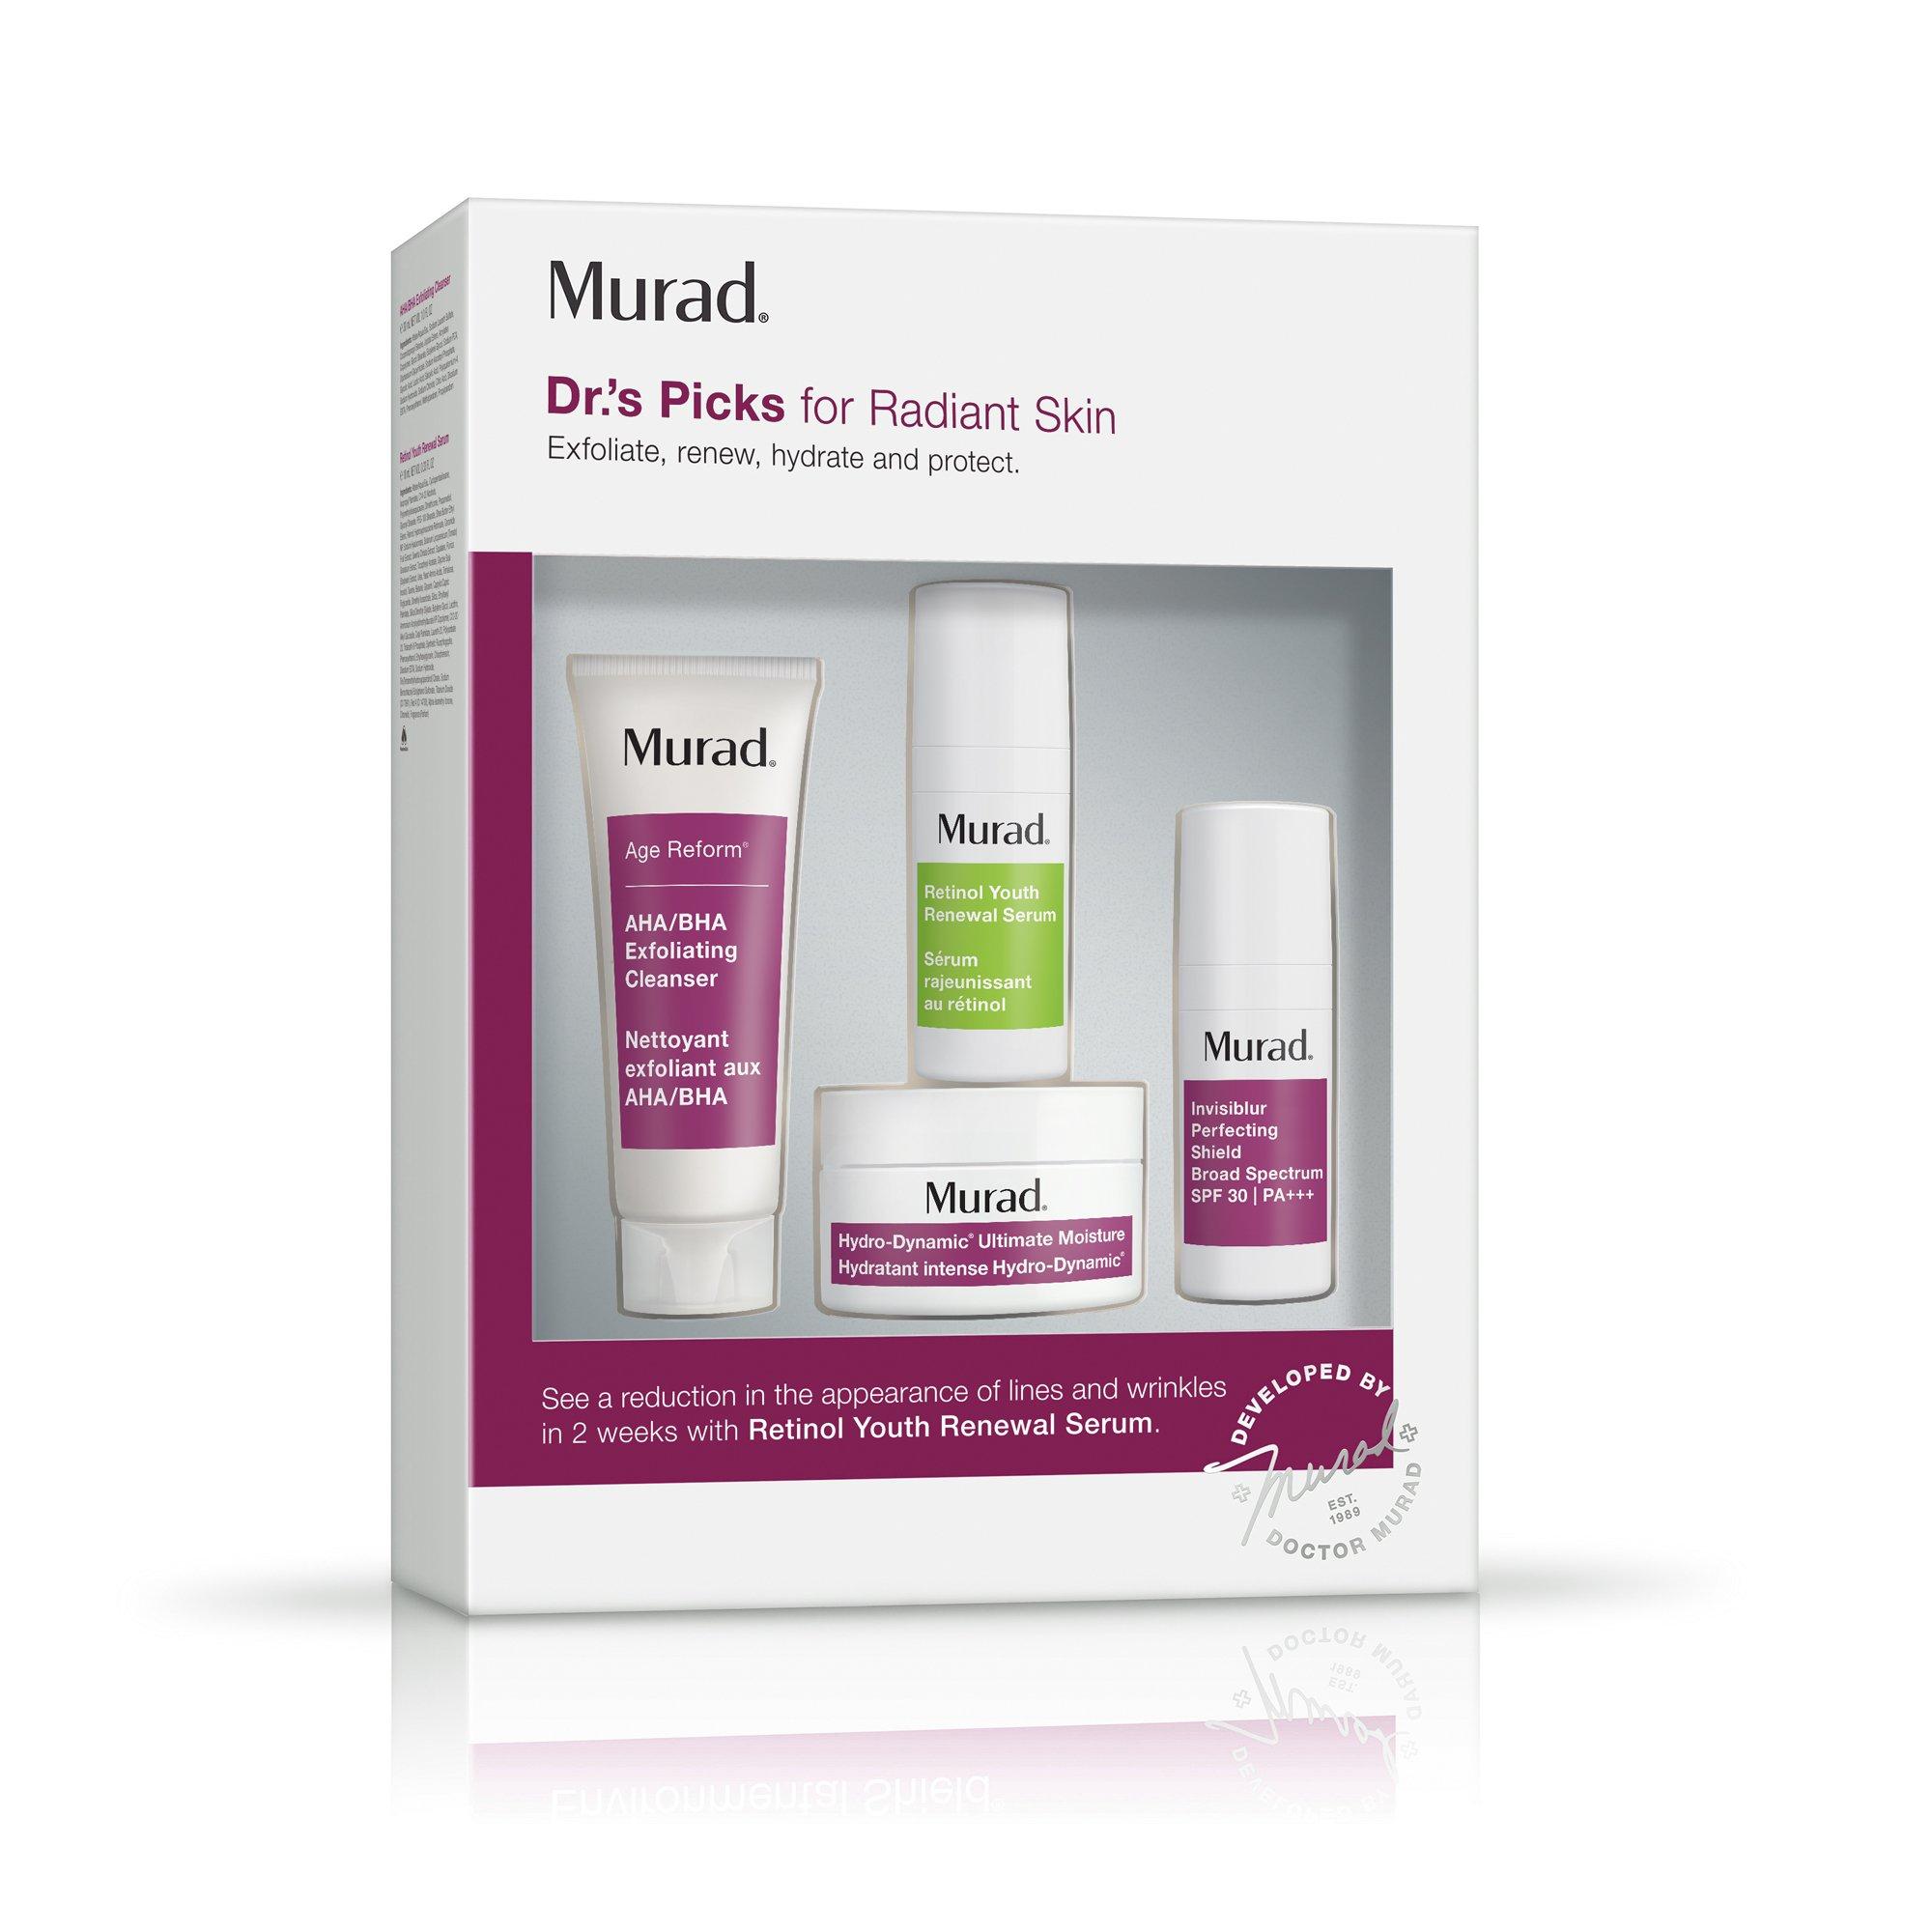 Murad Dr.'s Picks for Radiant Skin Set